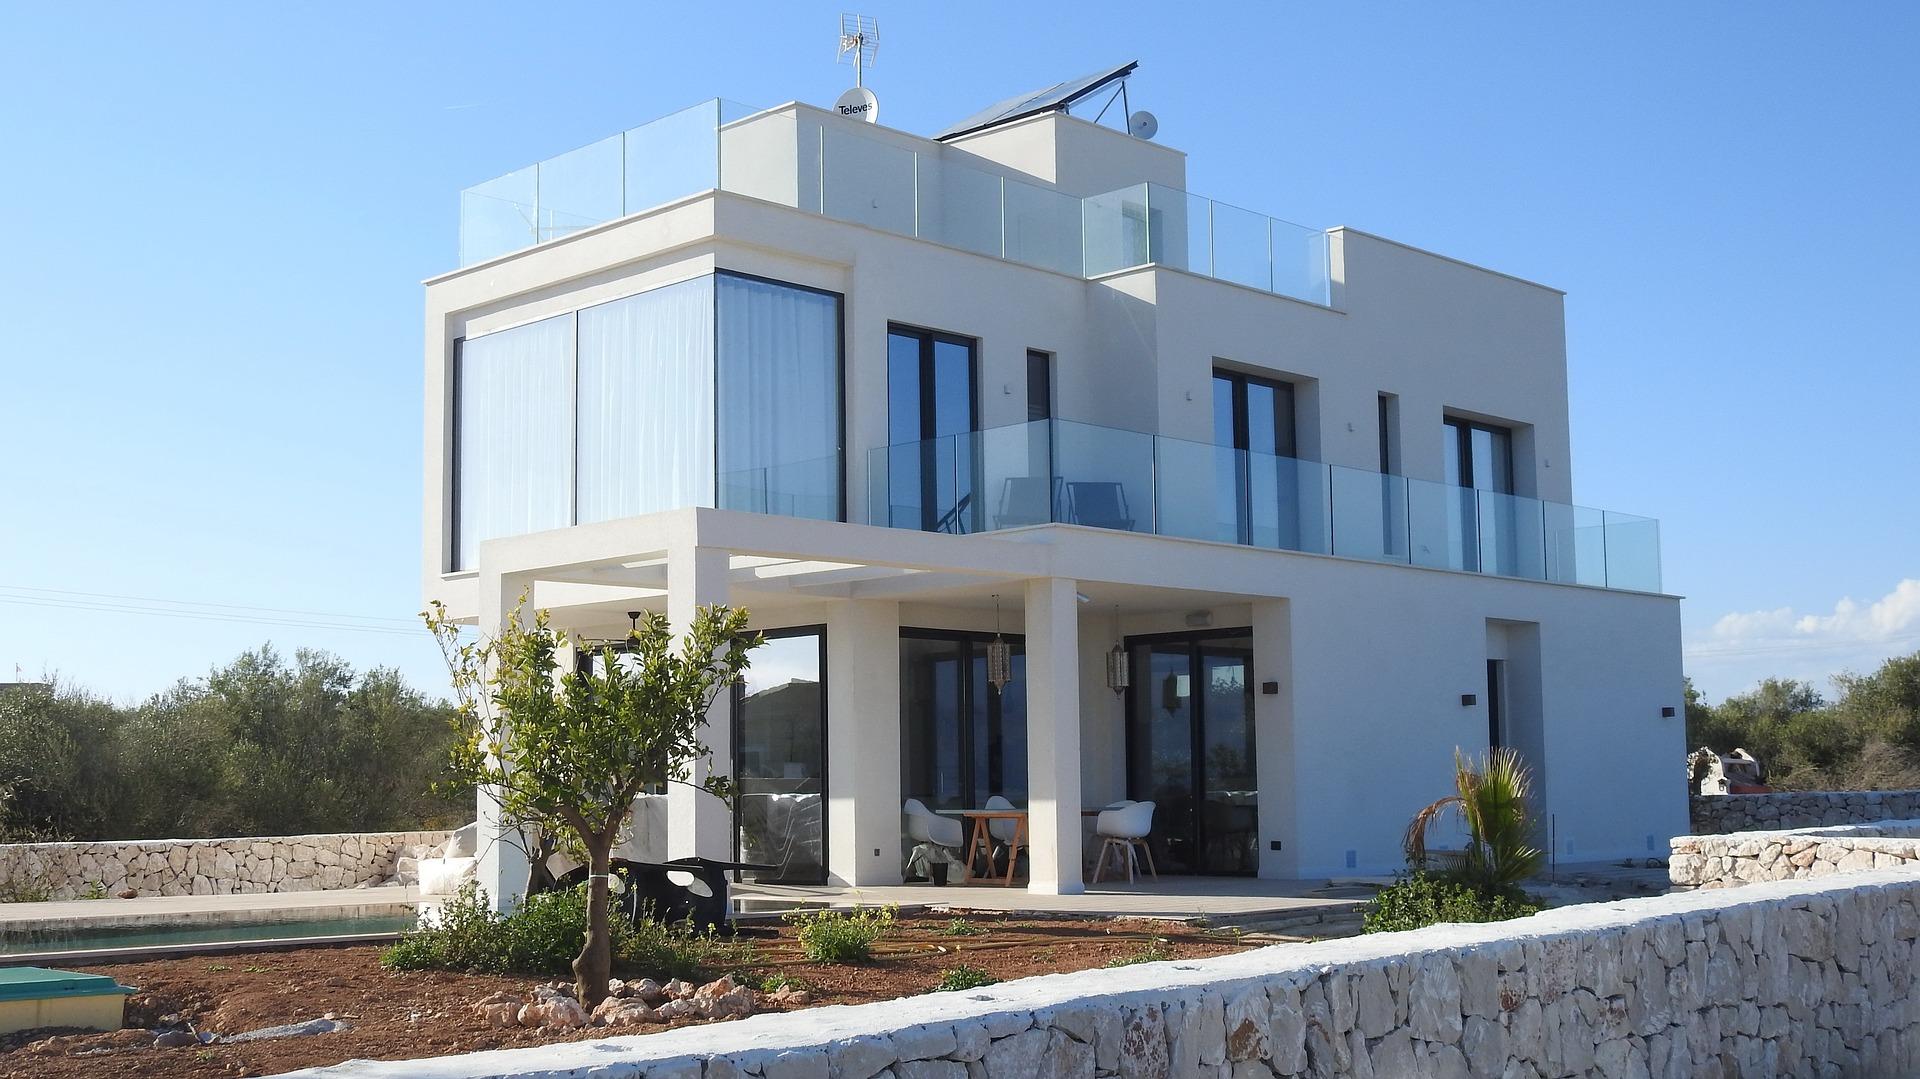 Neubau - Der Traum vom Eigenheim - Wir bauen Ihre Träume